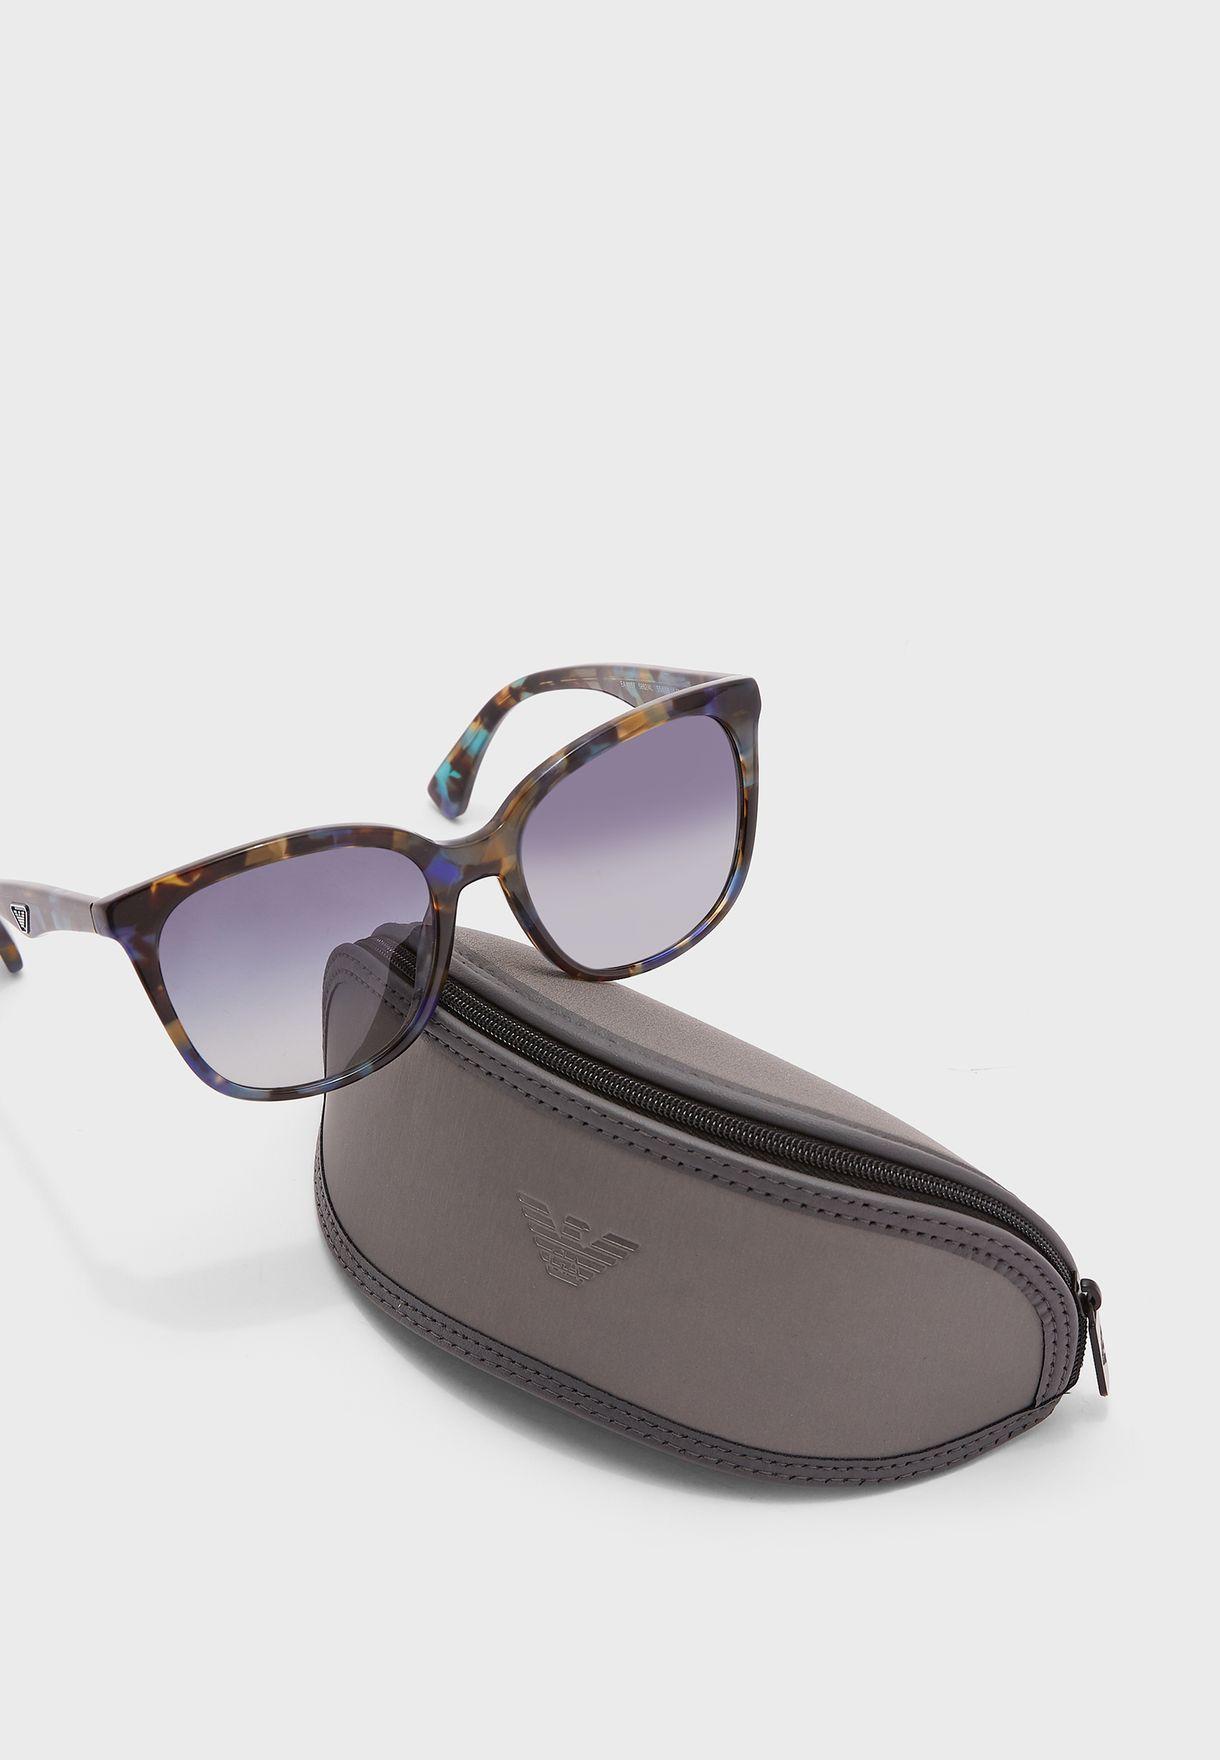 0Ea4157 Oversized Sunglasses